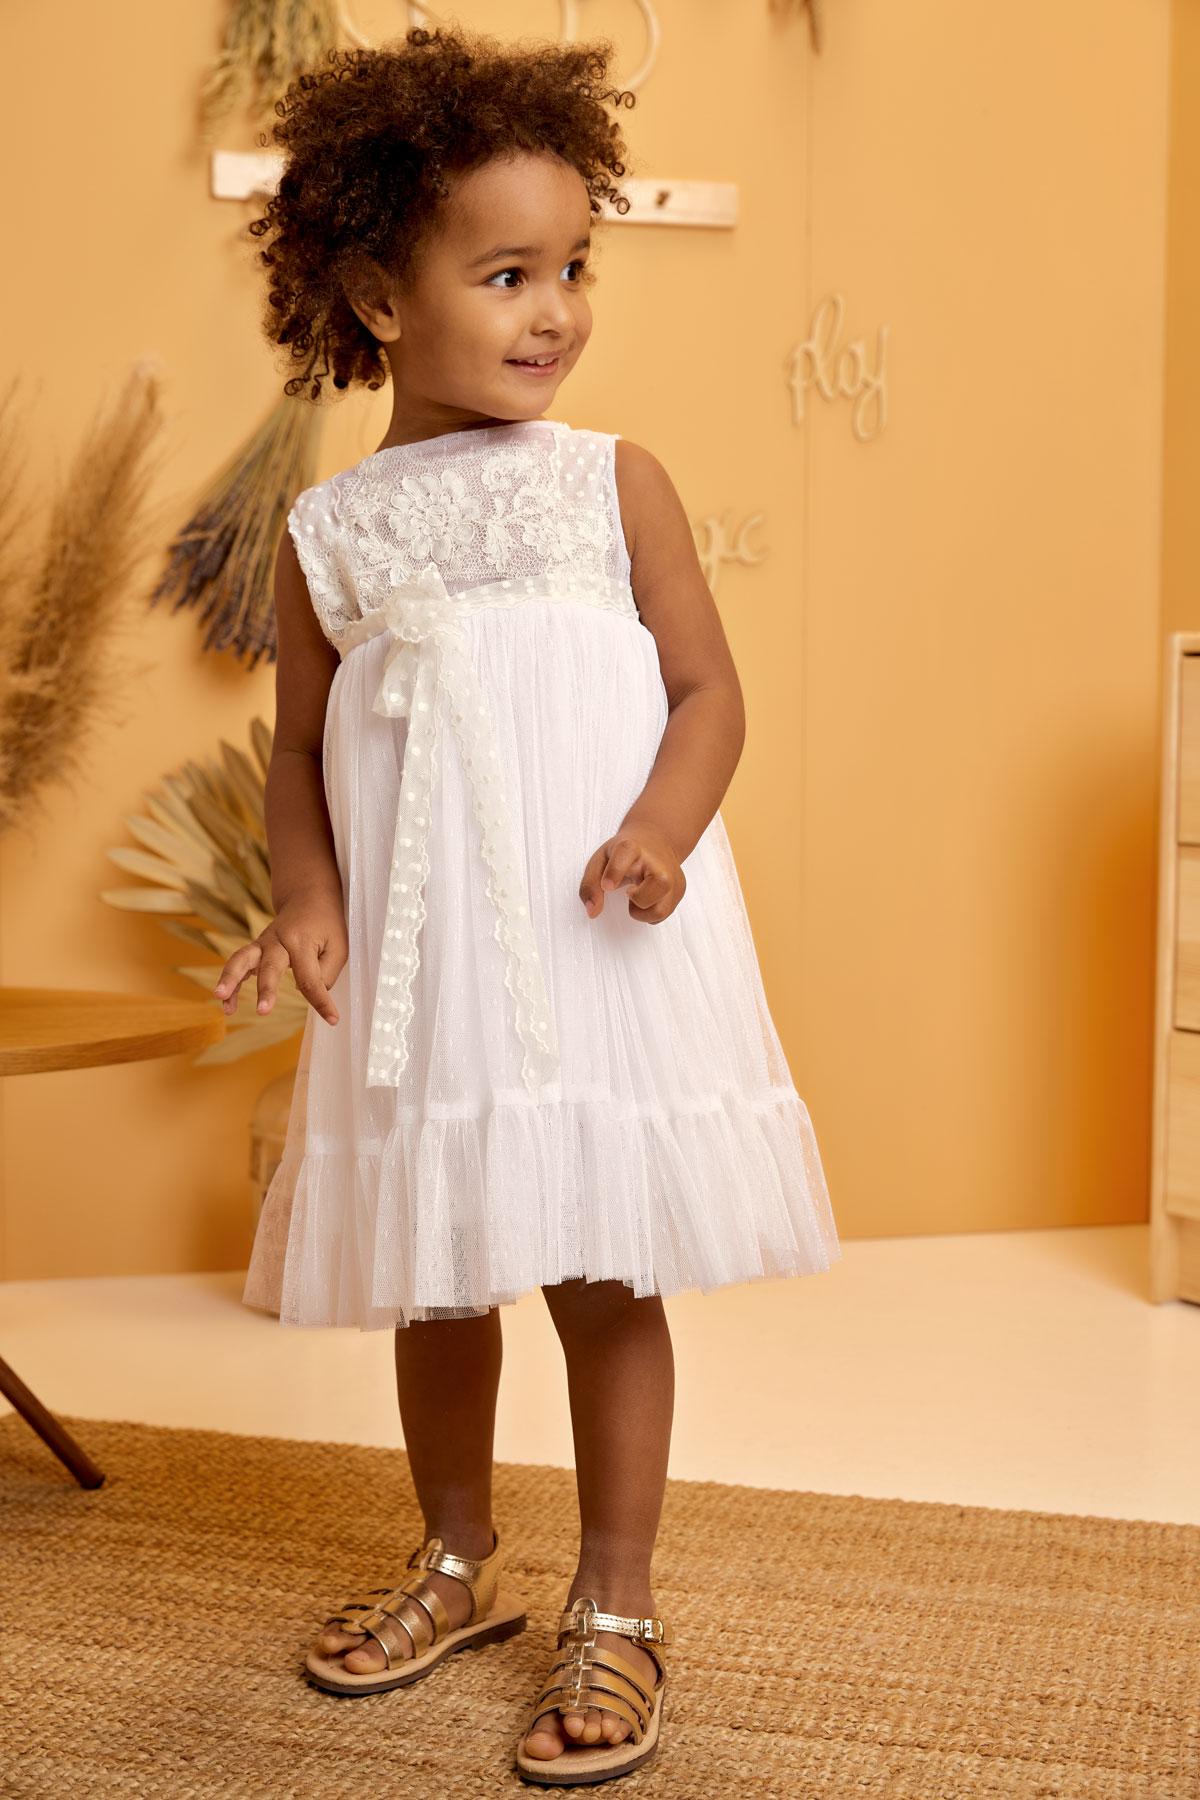 Βαπτιστικό φόρεμα λευκό με πουά κορδέλα και δαντέλα κορδονάκι